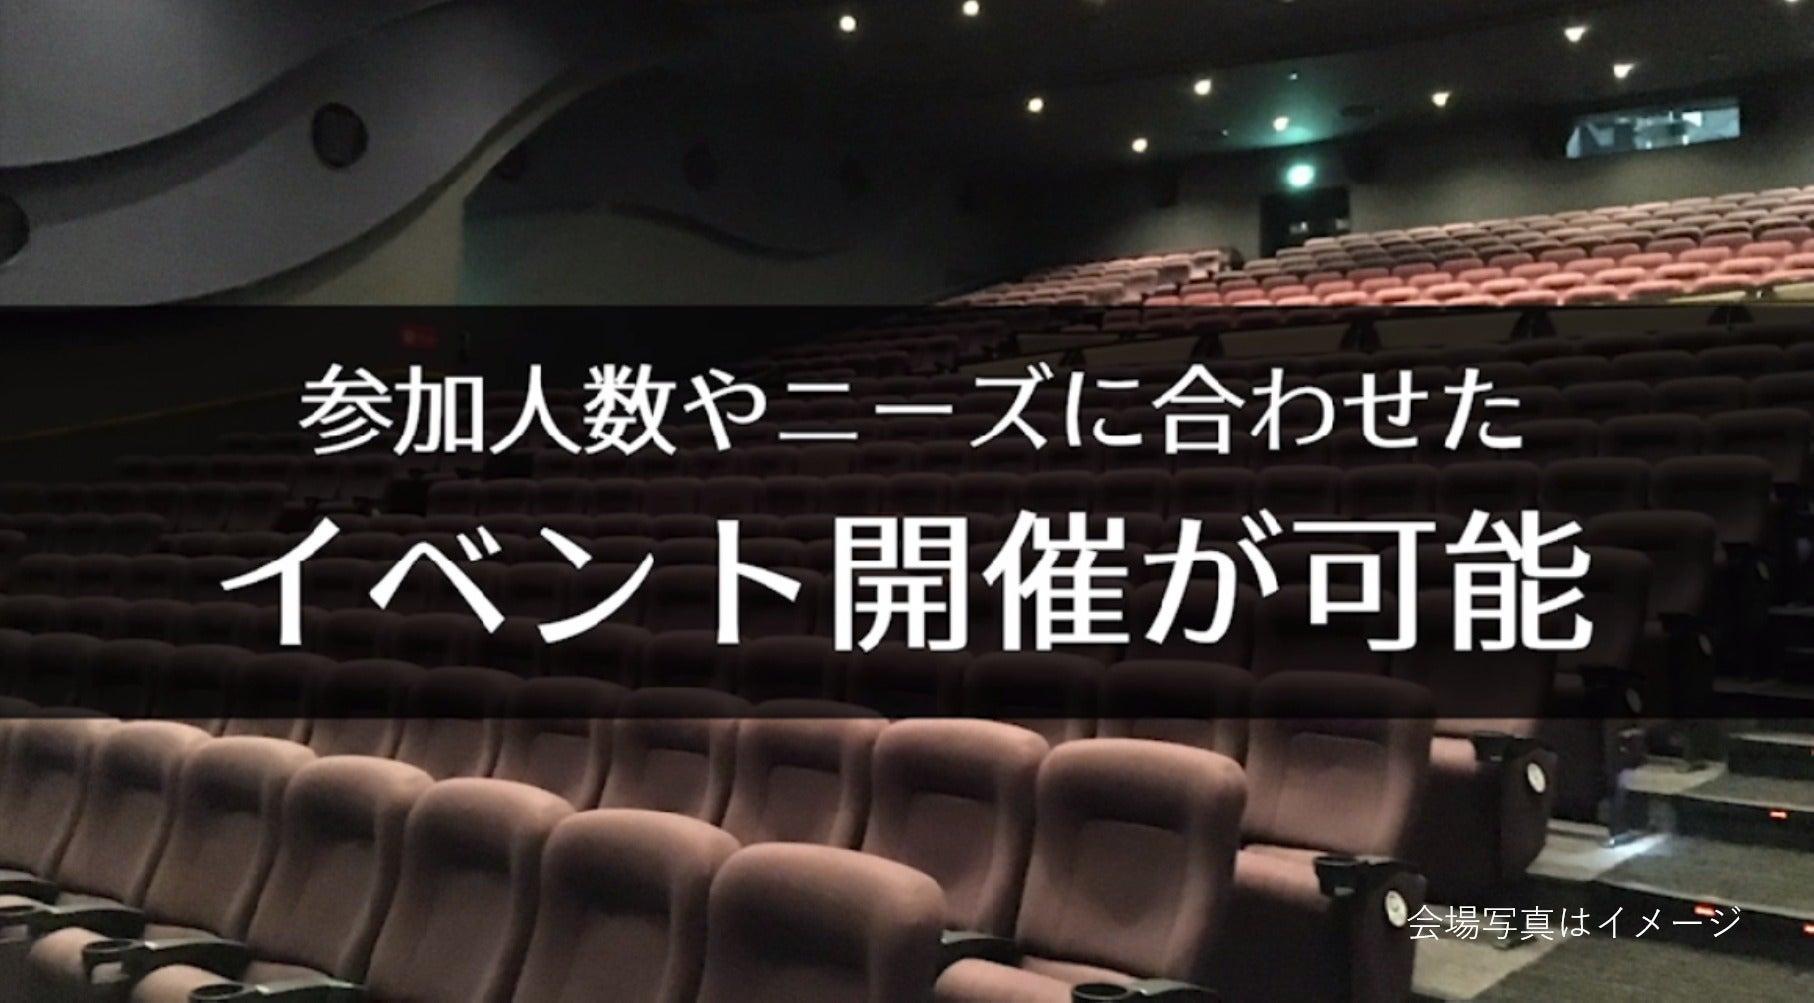 【枚方 284席】映画館で、会社説明会、株主総会、講演会の企画はいかがですか?(ユナイテッド・シネマ枚方) の写真0